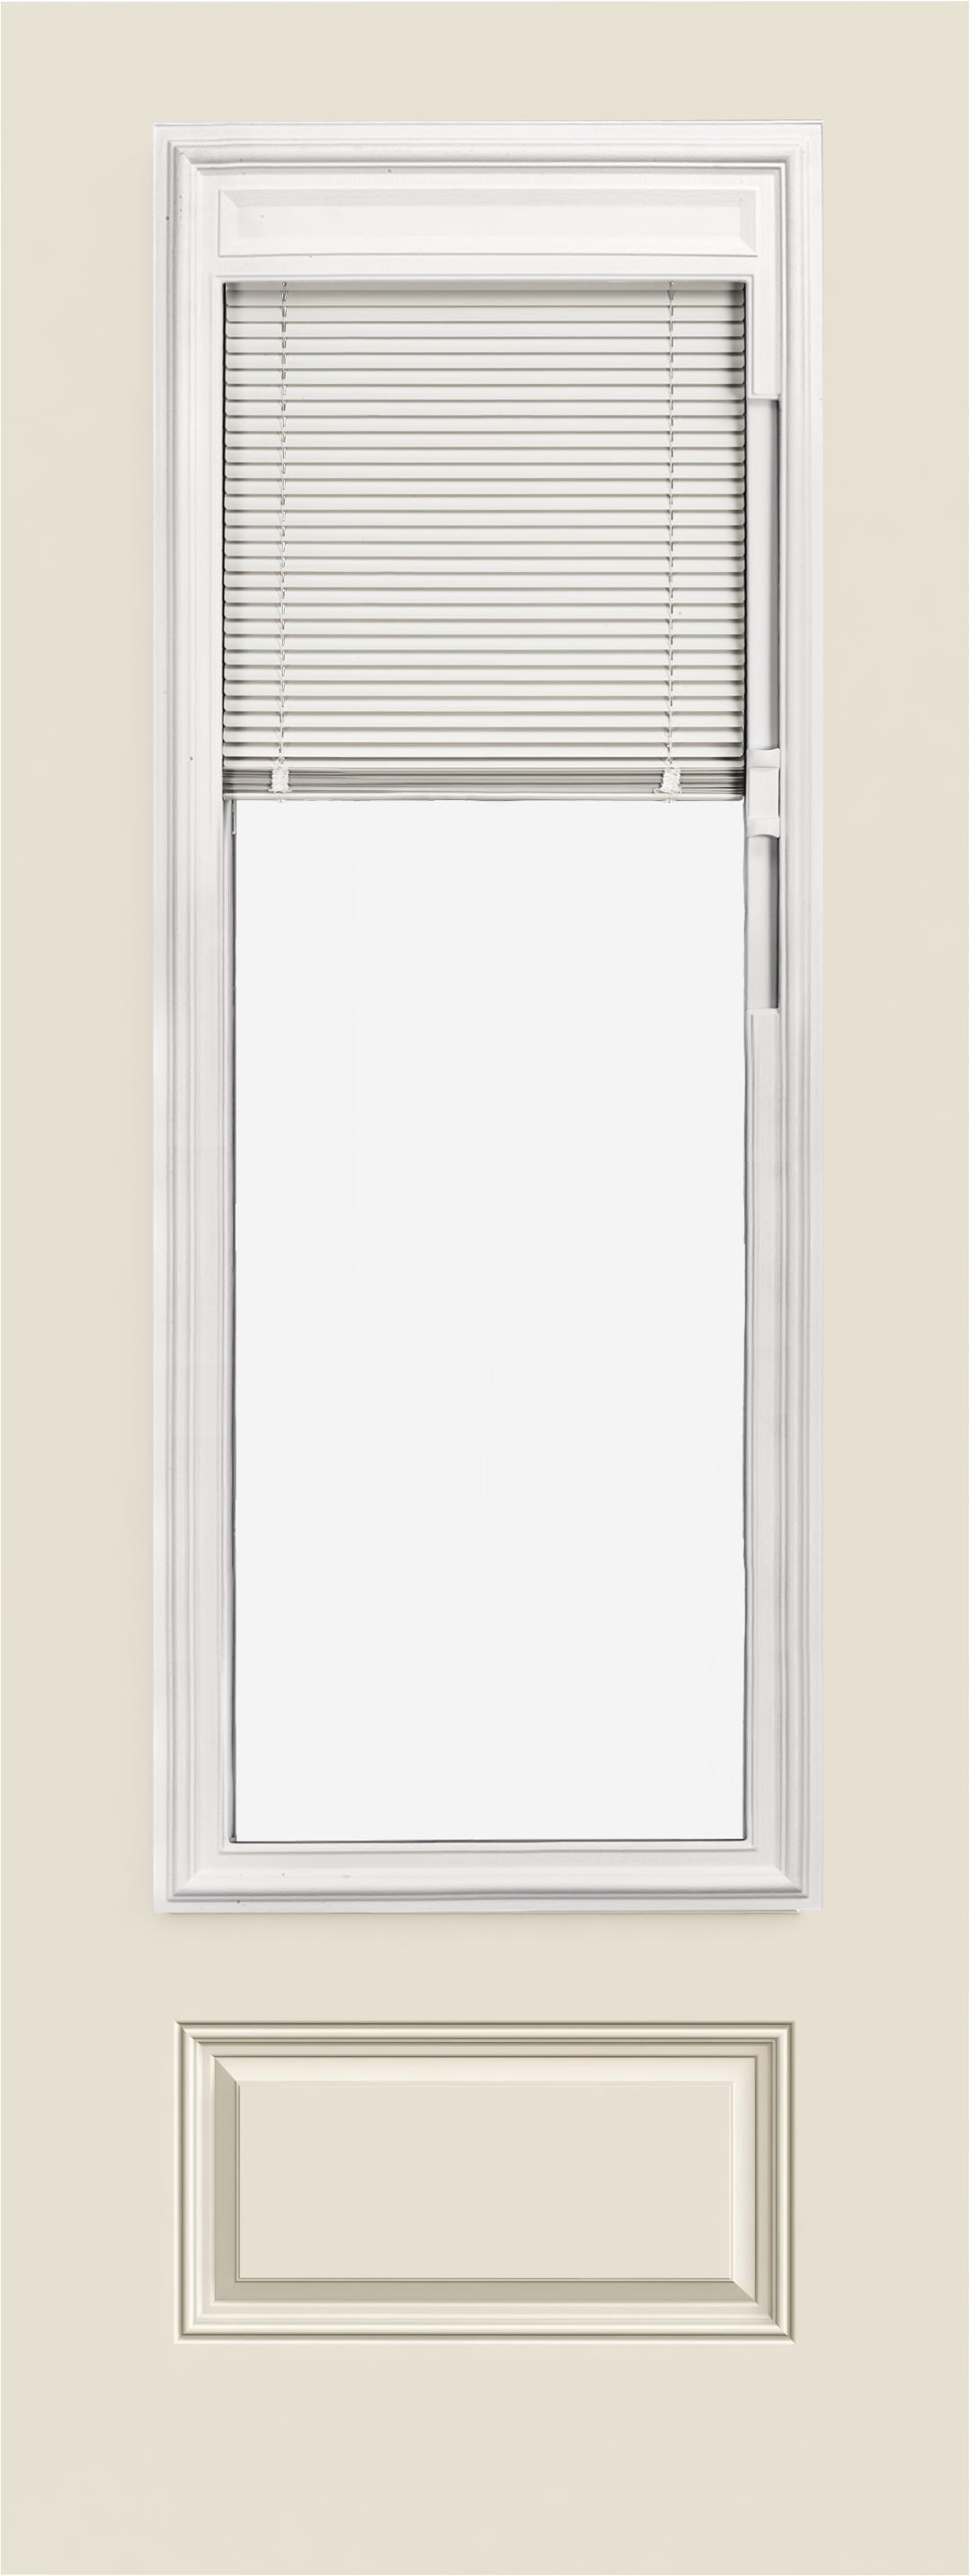 Smooth Pro Fiberglass Exterior Doors 8ft 3 4 View Blinds 1